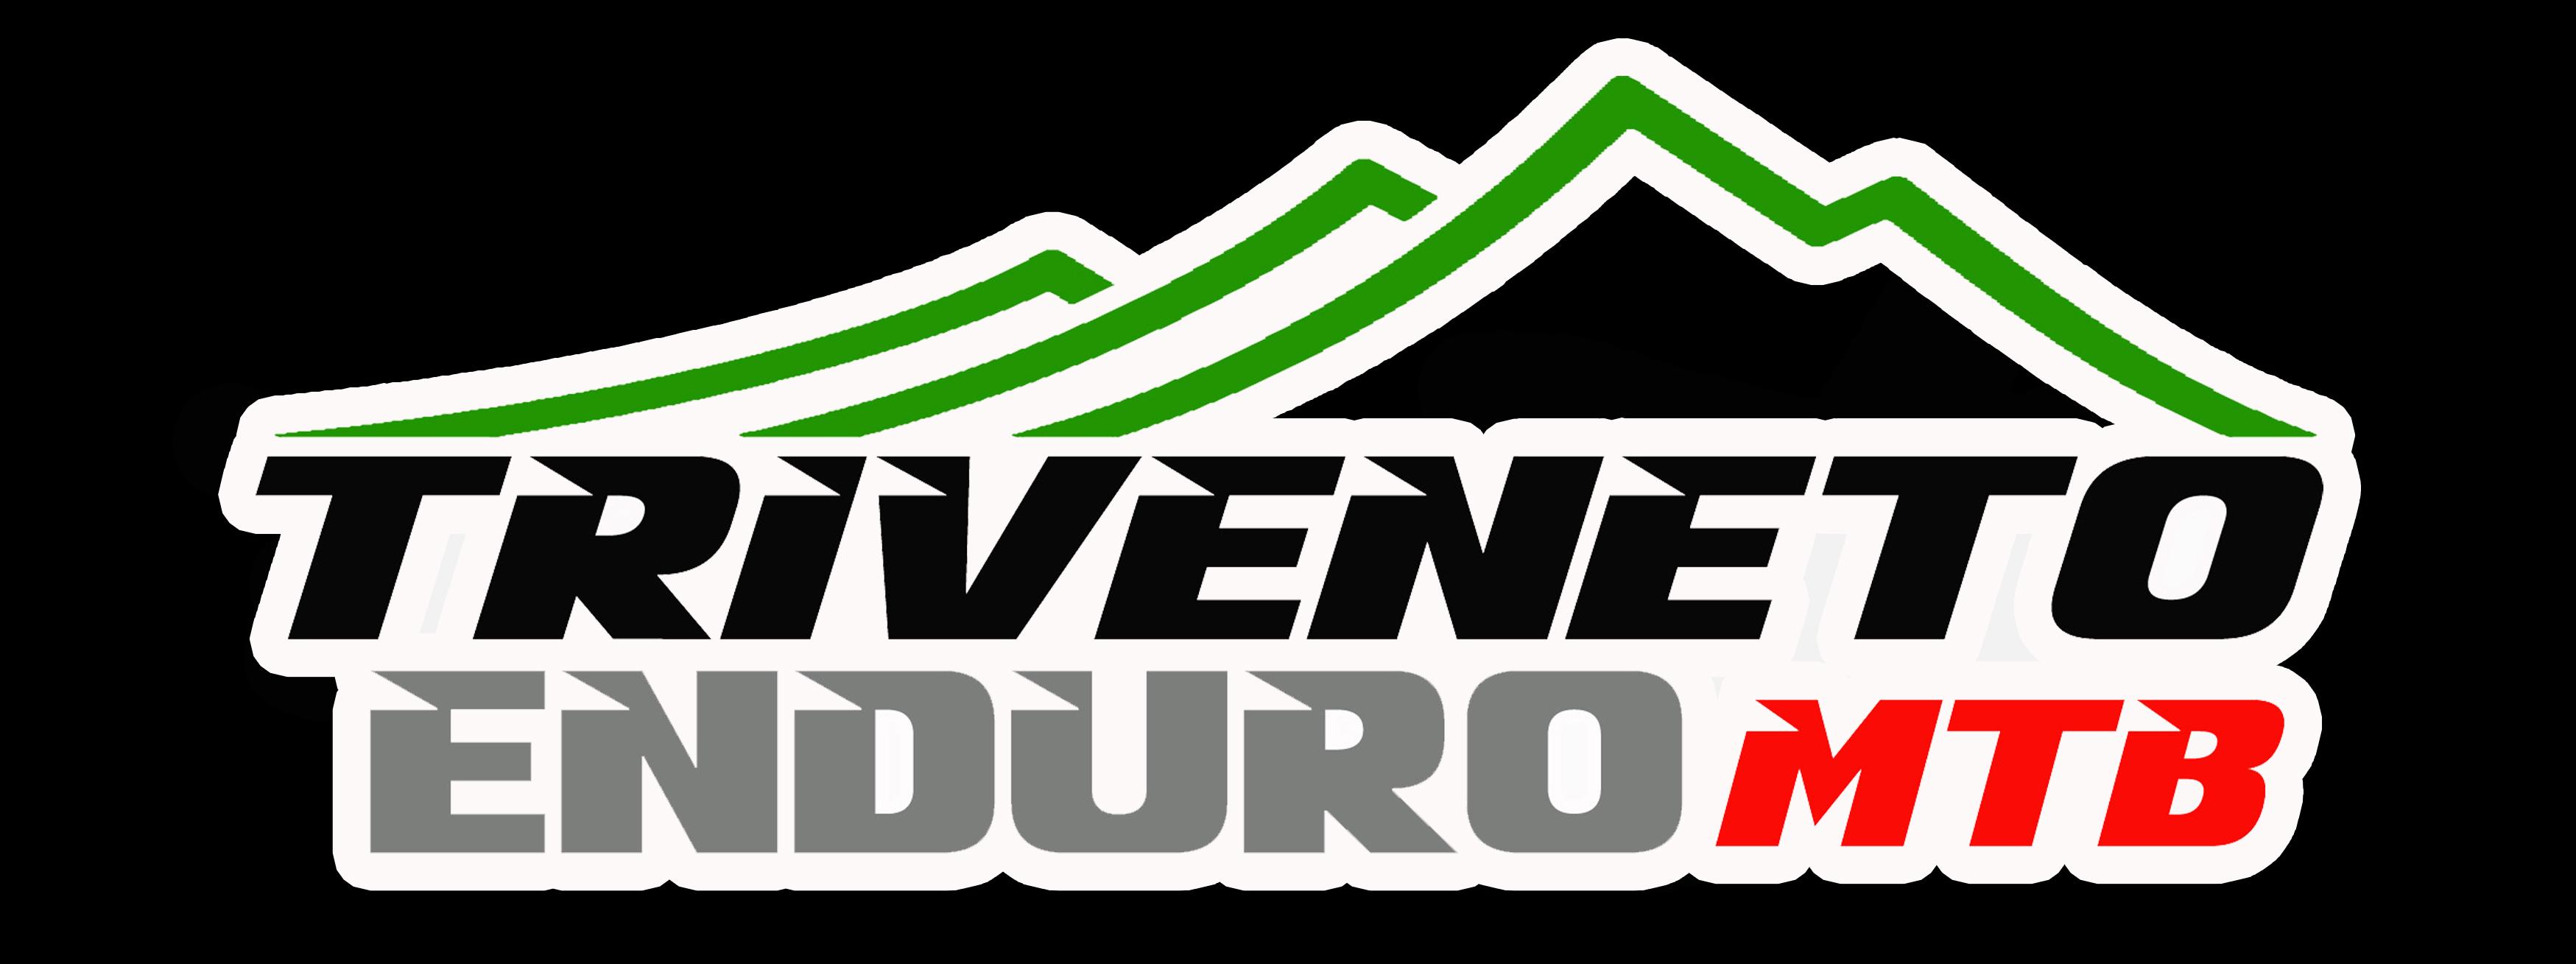 logo-TRIVENETOENDUROMTB